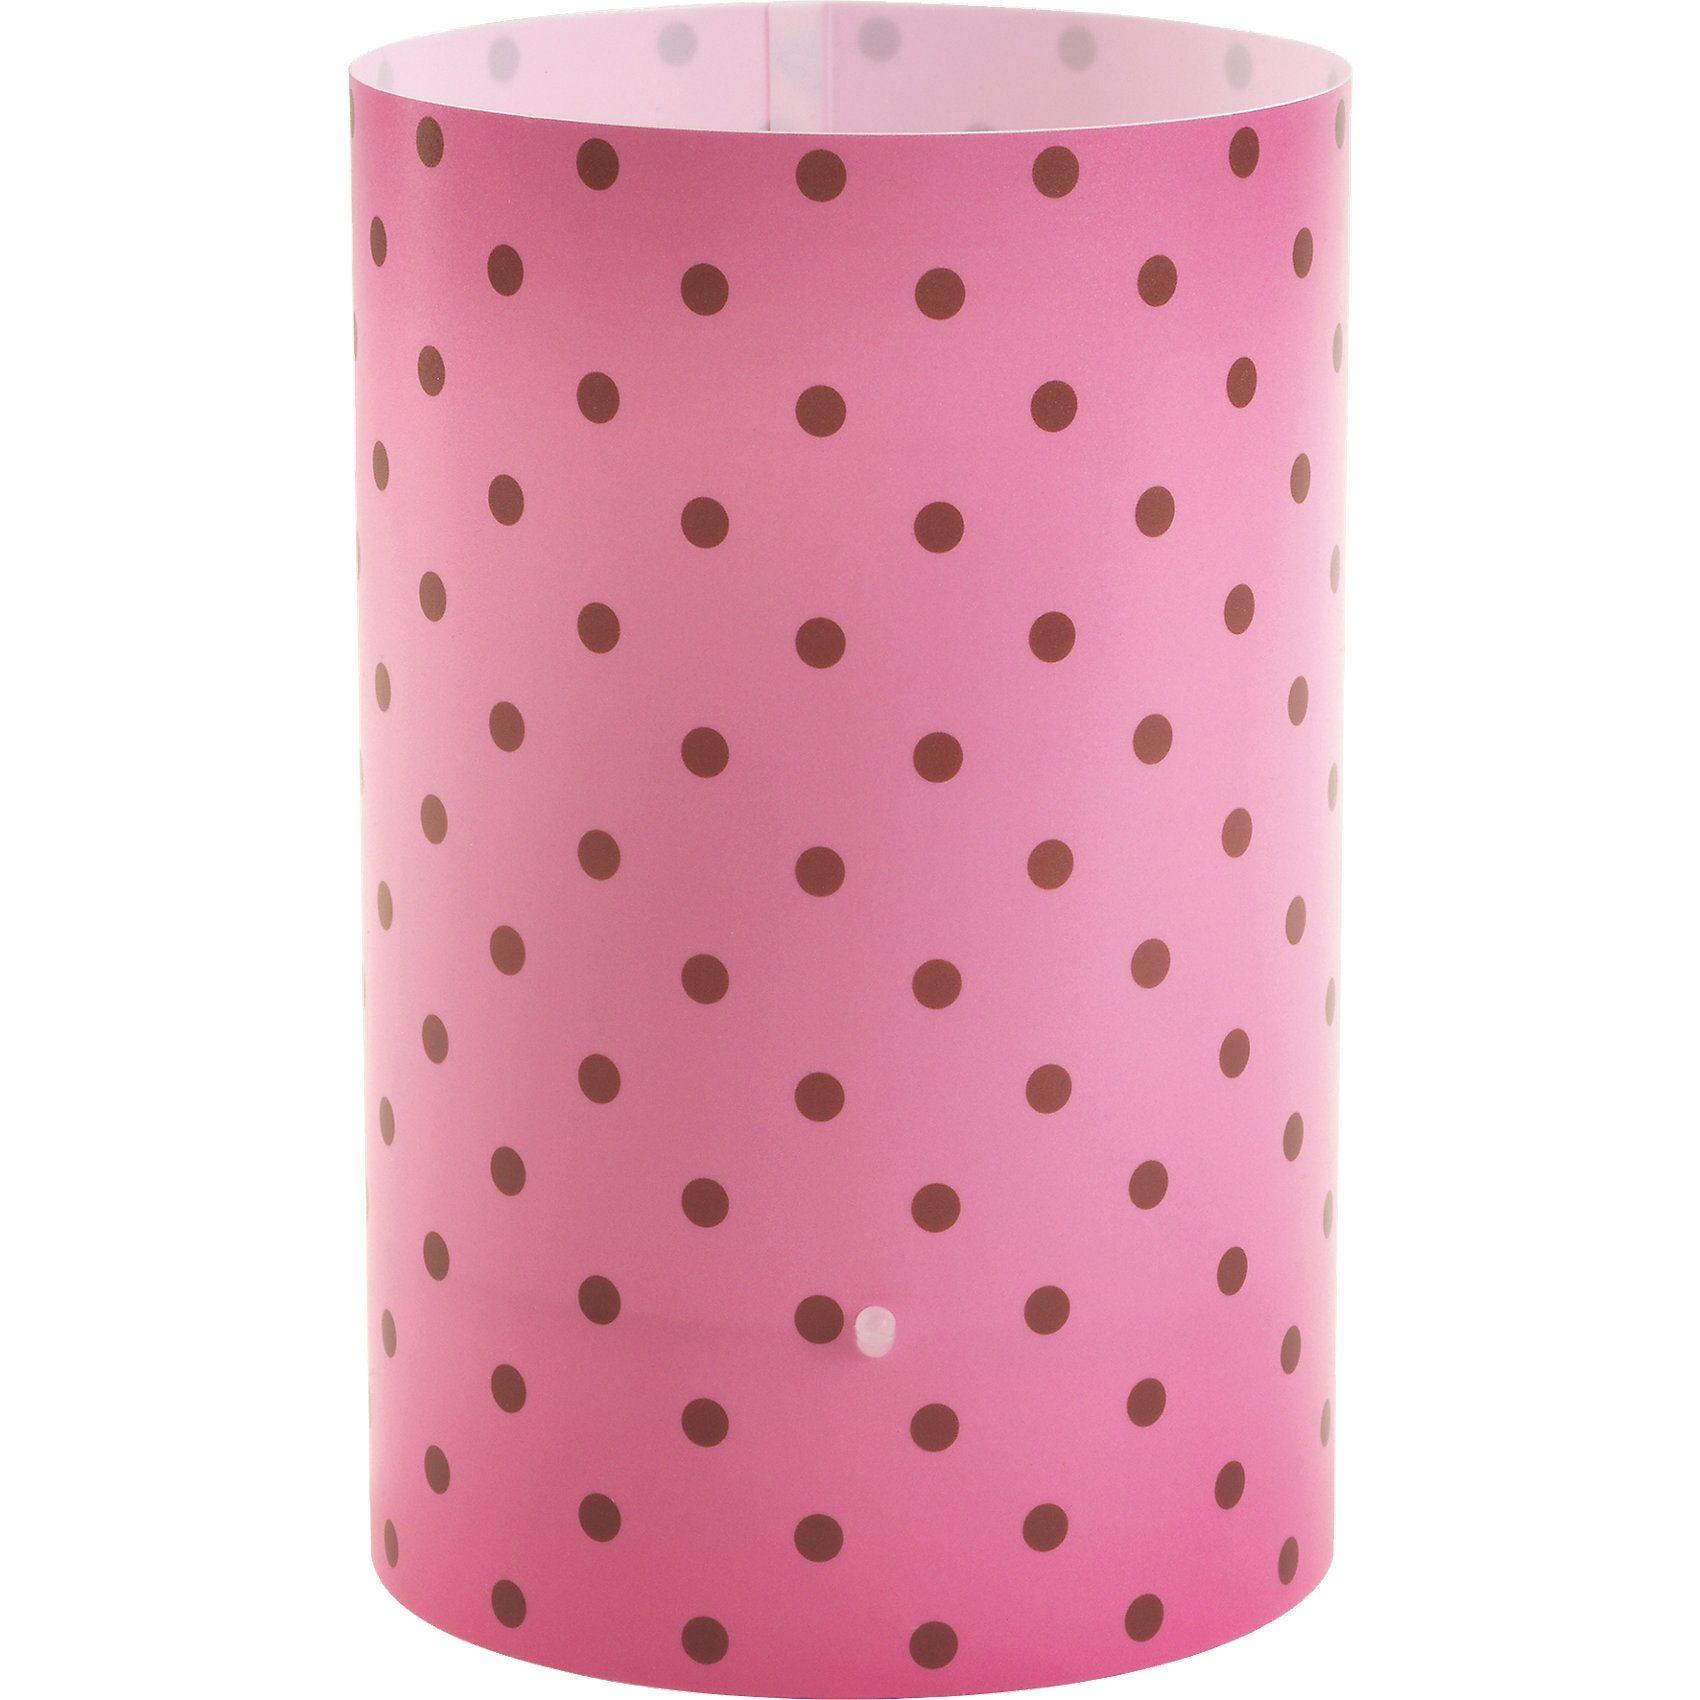 Dalber Tischlampe Pink, gepunktet